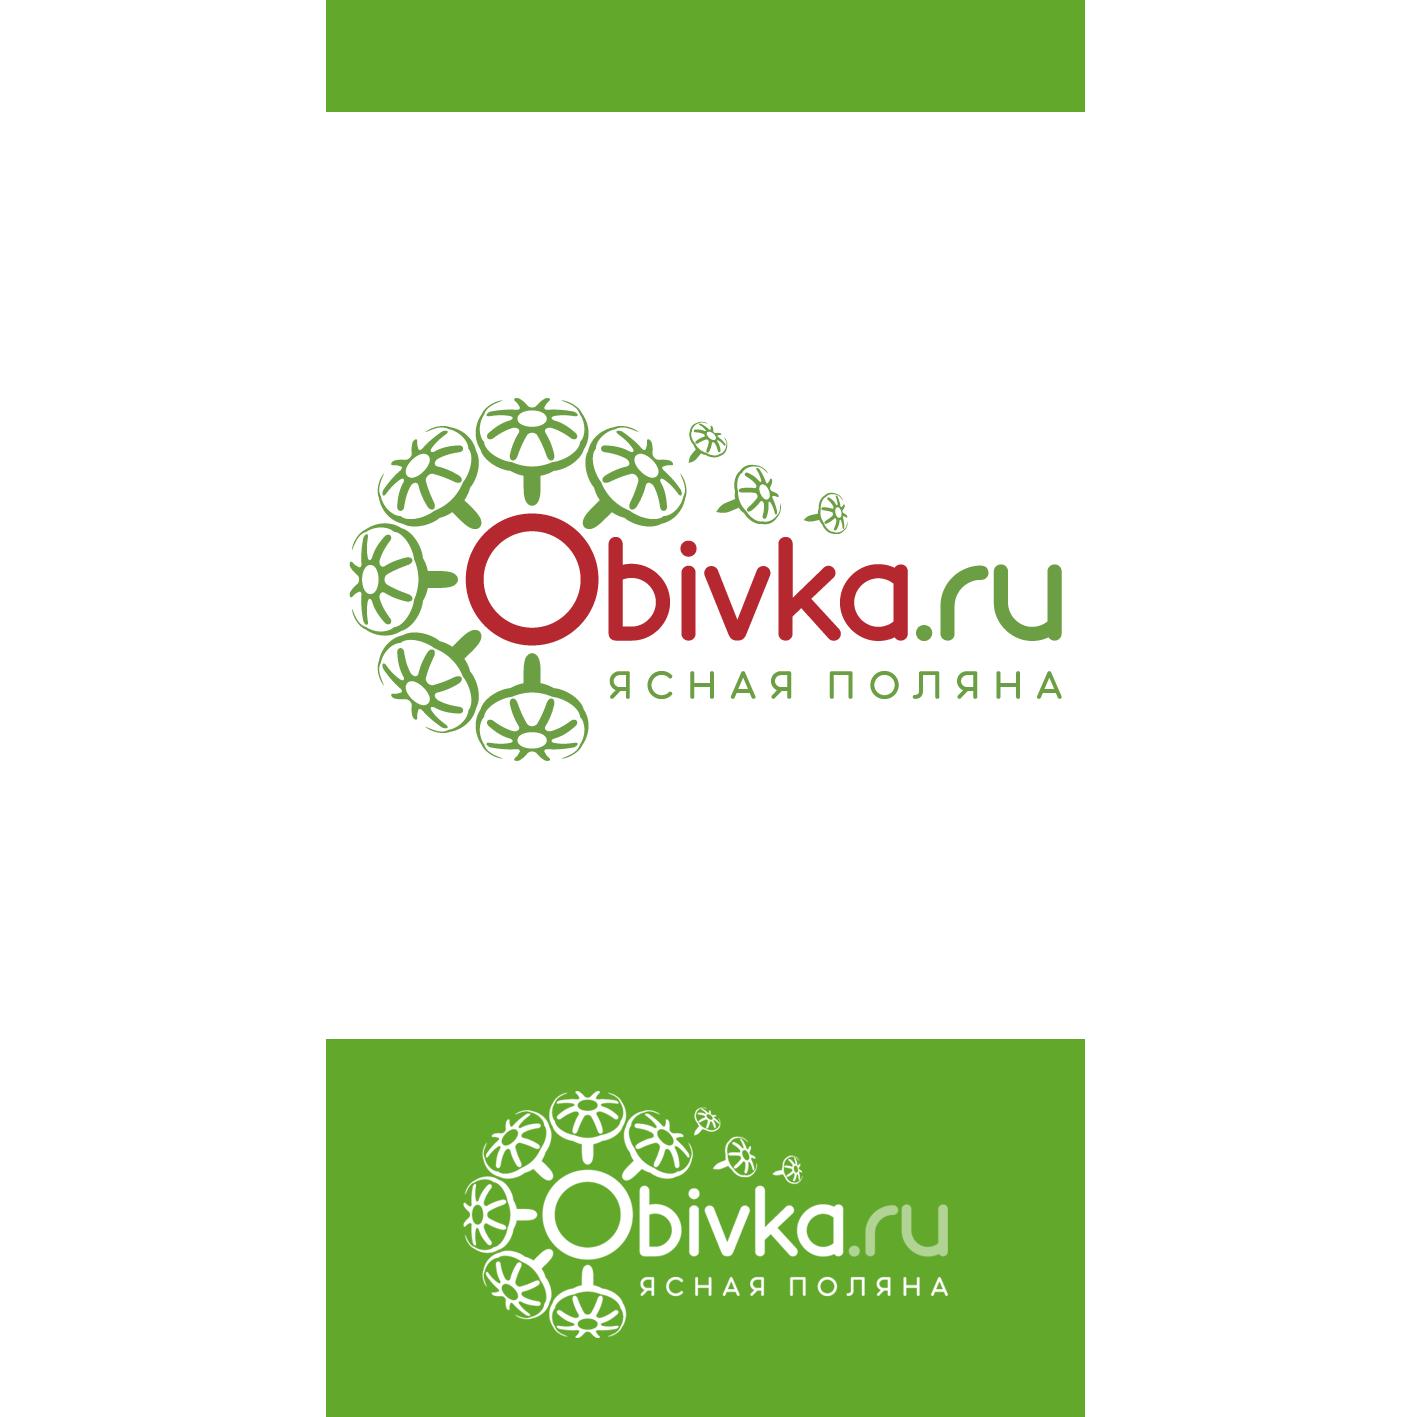 Логотип для сайта OBIVKA.RU фото f_1225c1b9e276d102.png